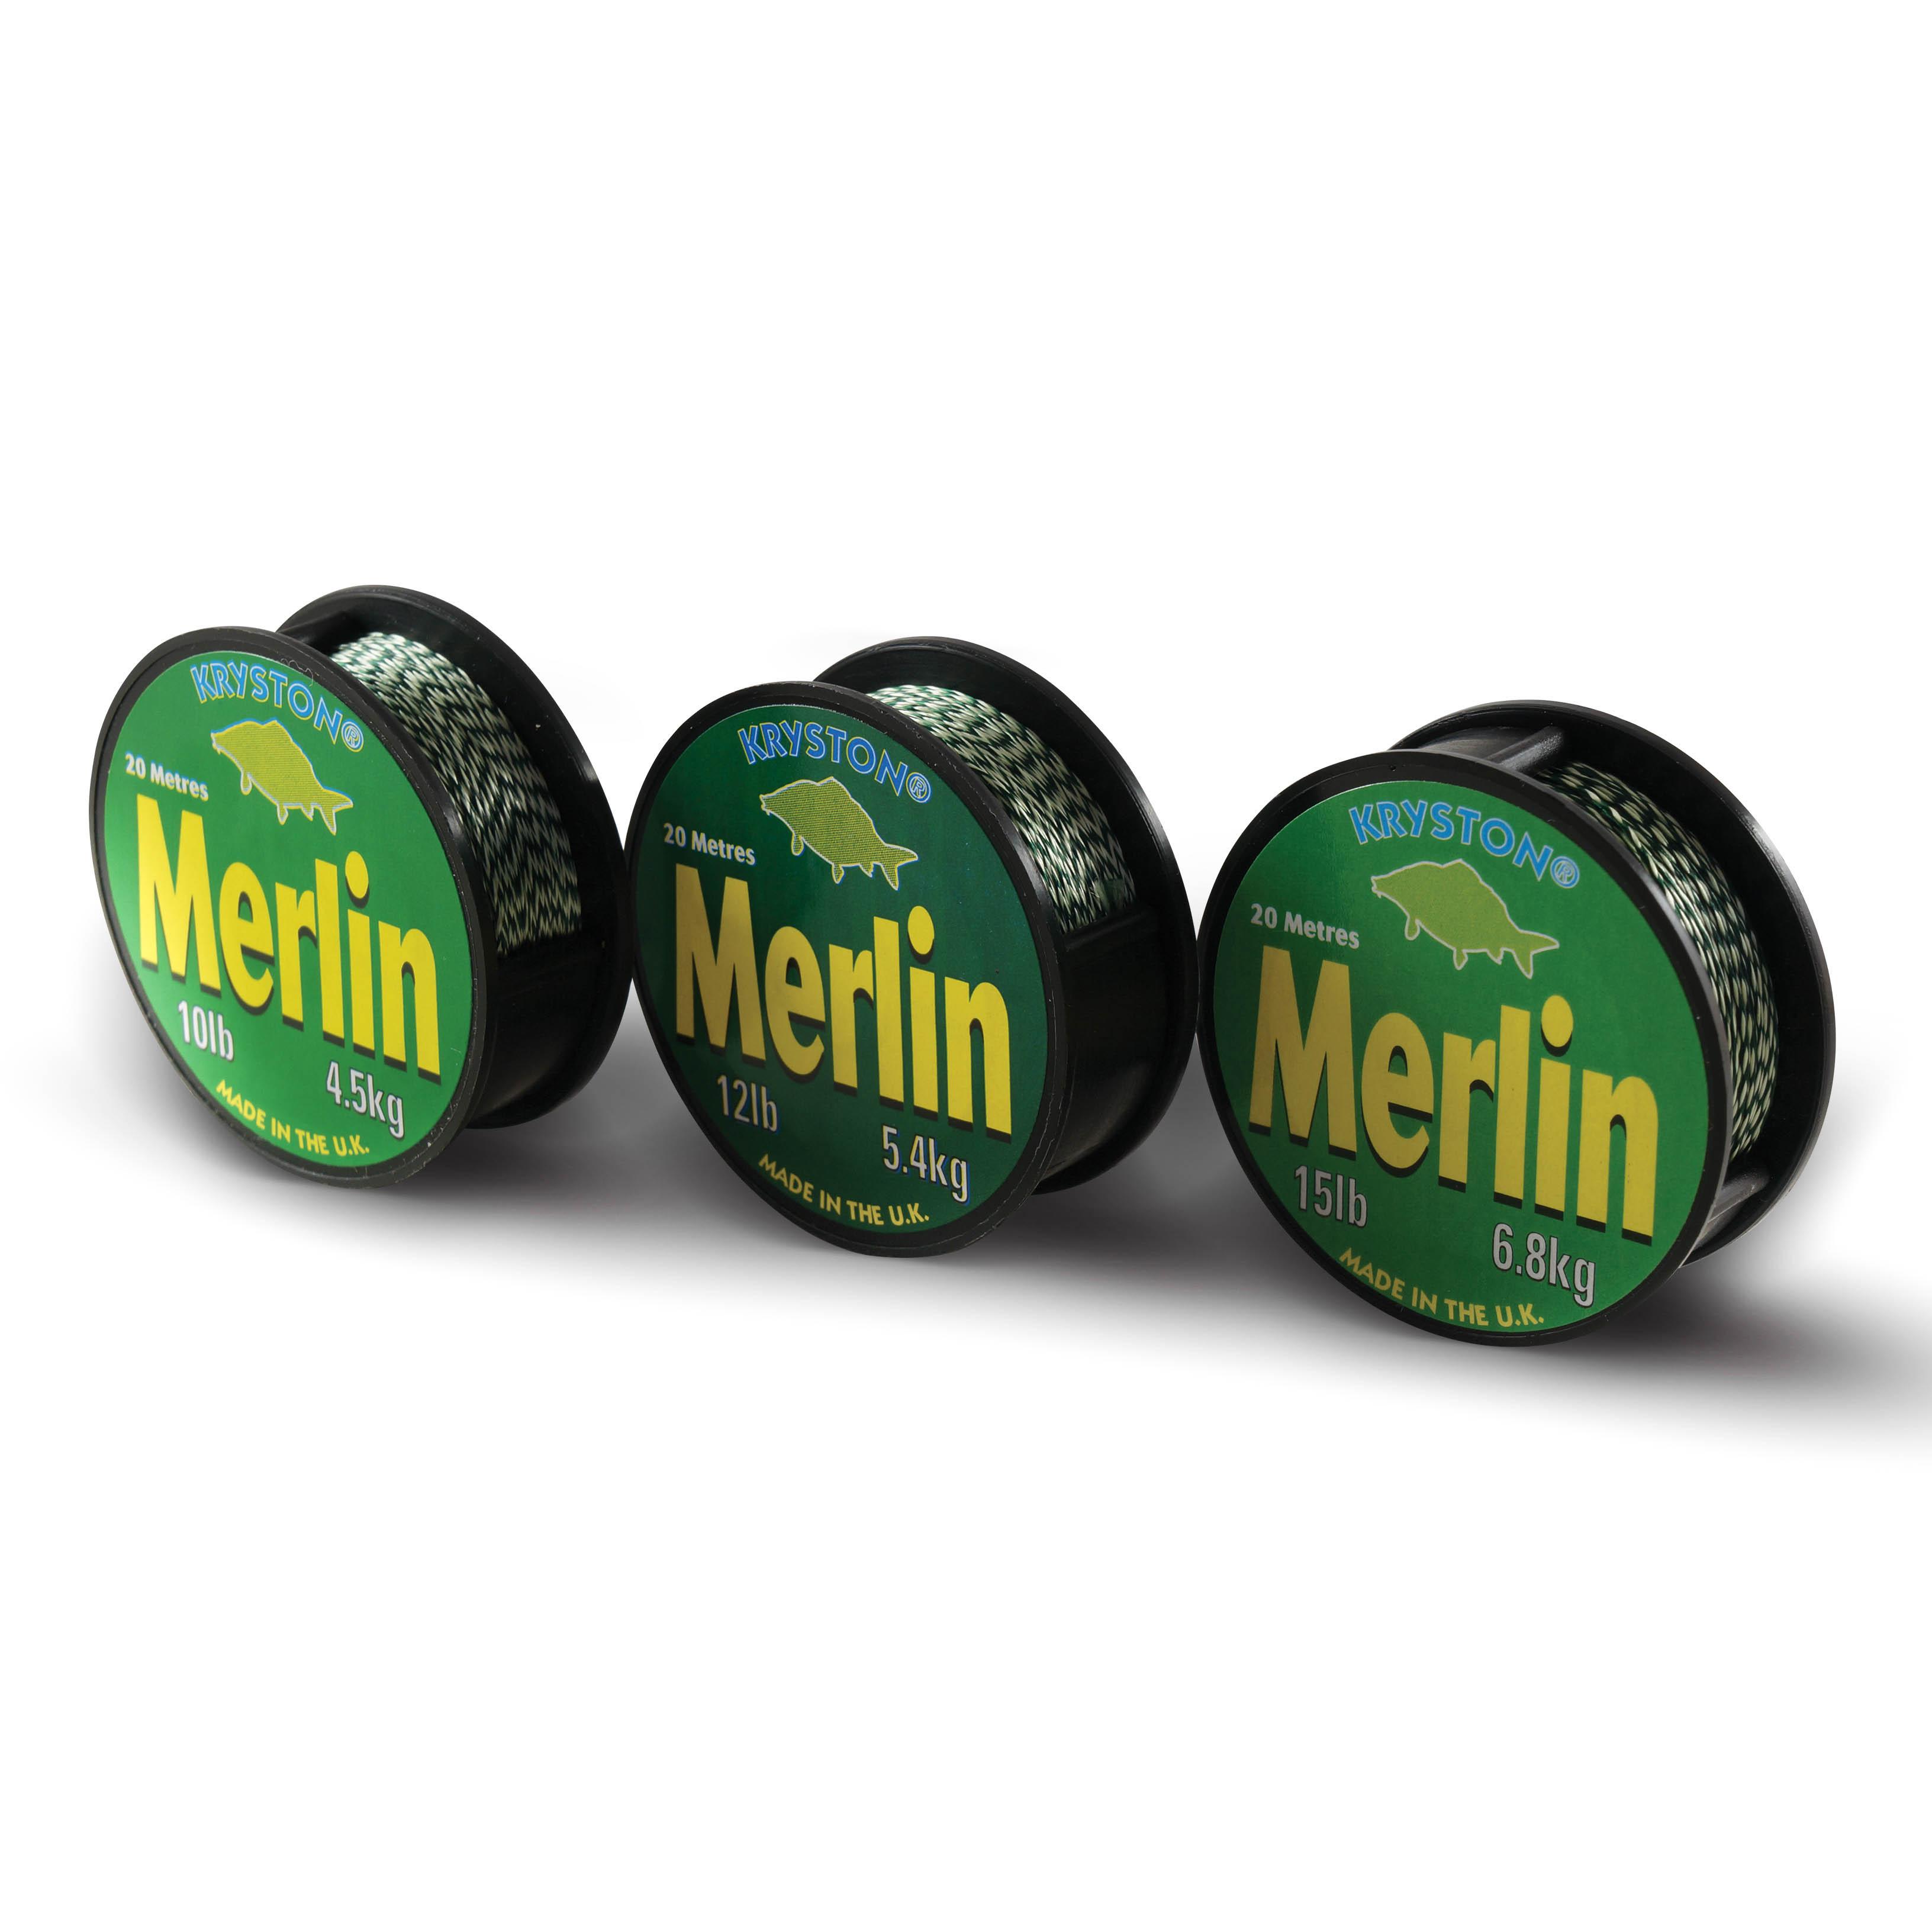 Kryston pletené šňůrky - Merlin 15lb 20m